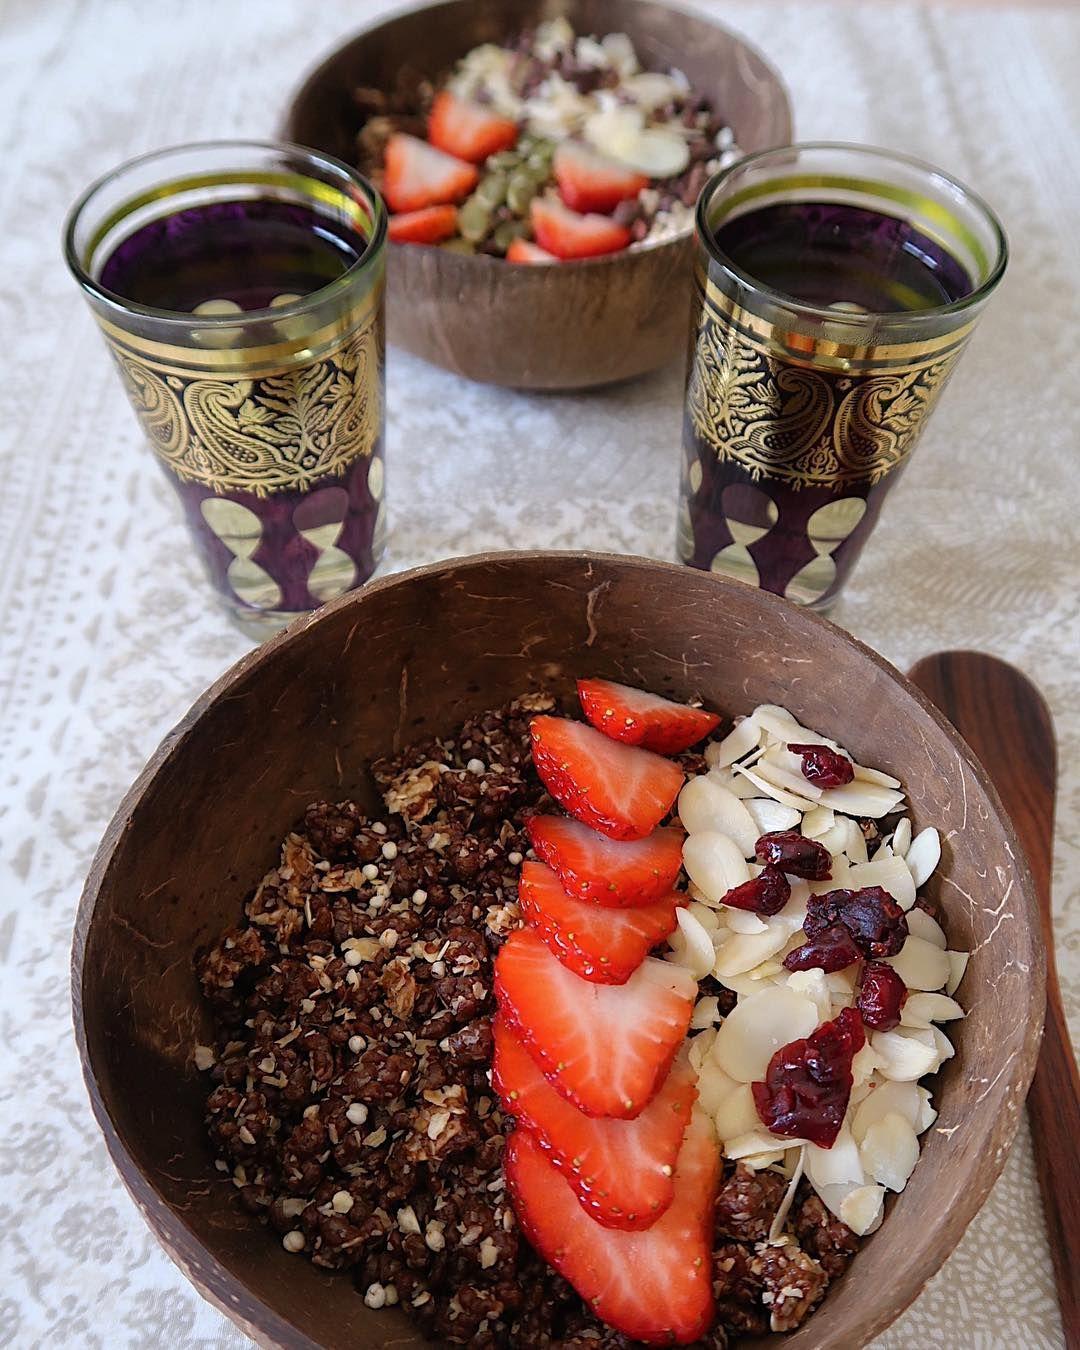 Cacao Tahini Cereal Chefarwa S Favorite Breakfast مافي زي اكل البيت Healthy Eating Eat Breakfast